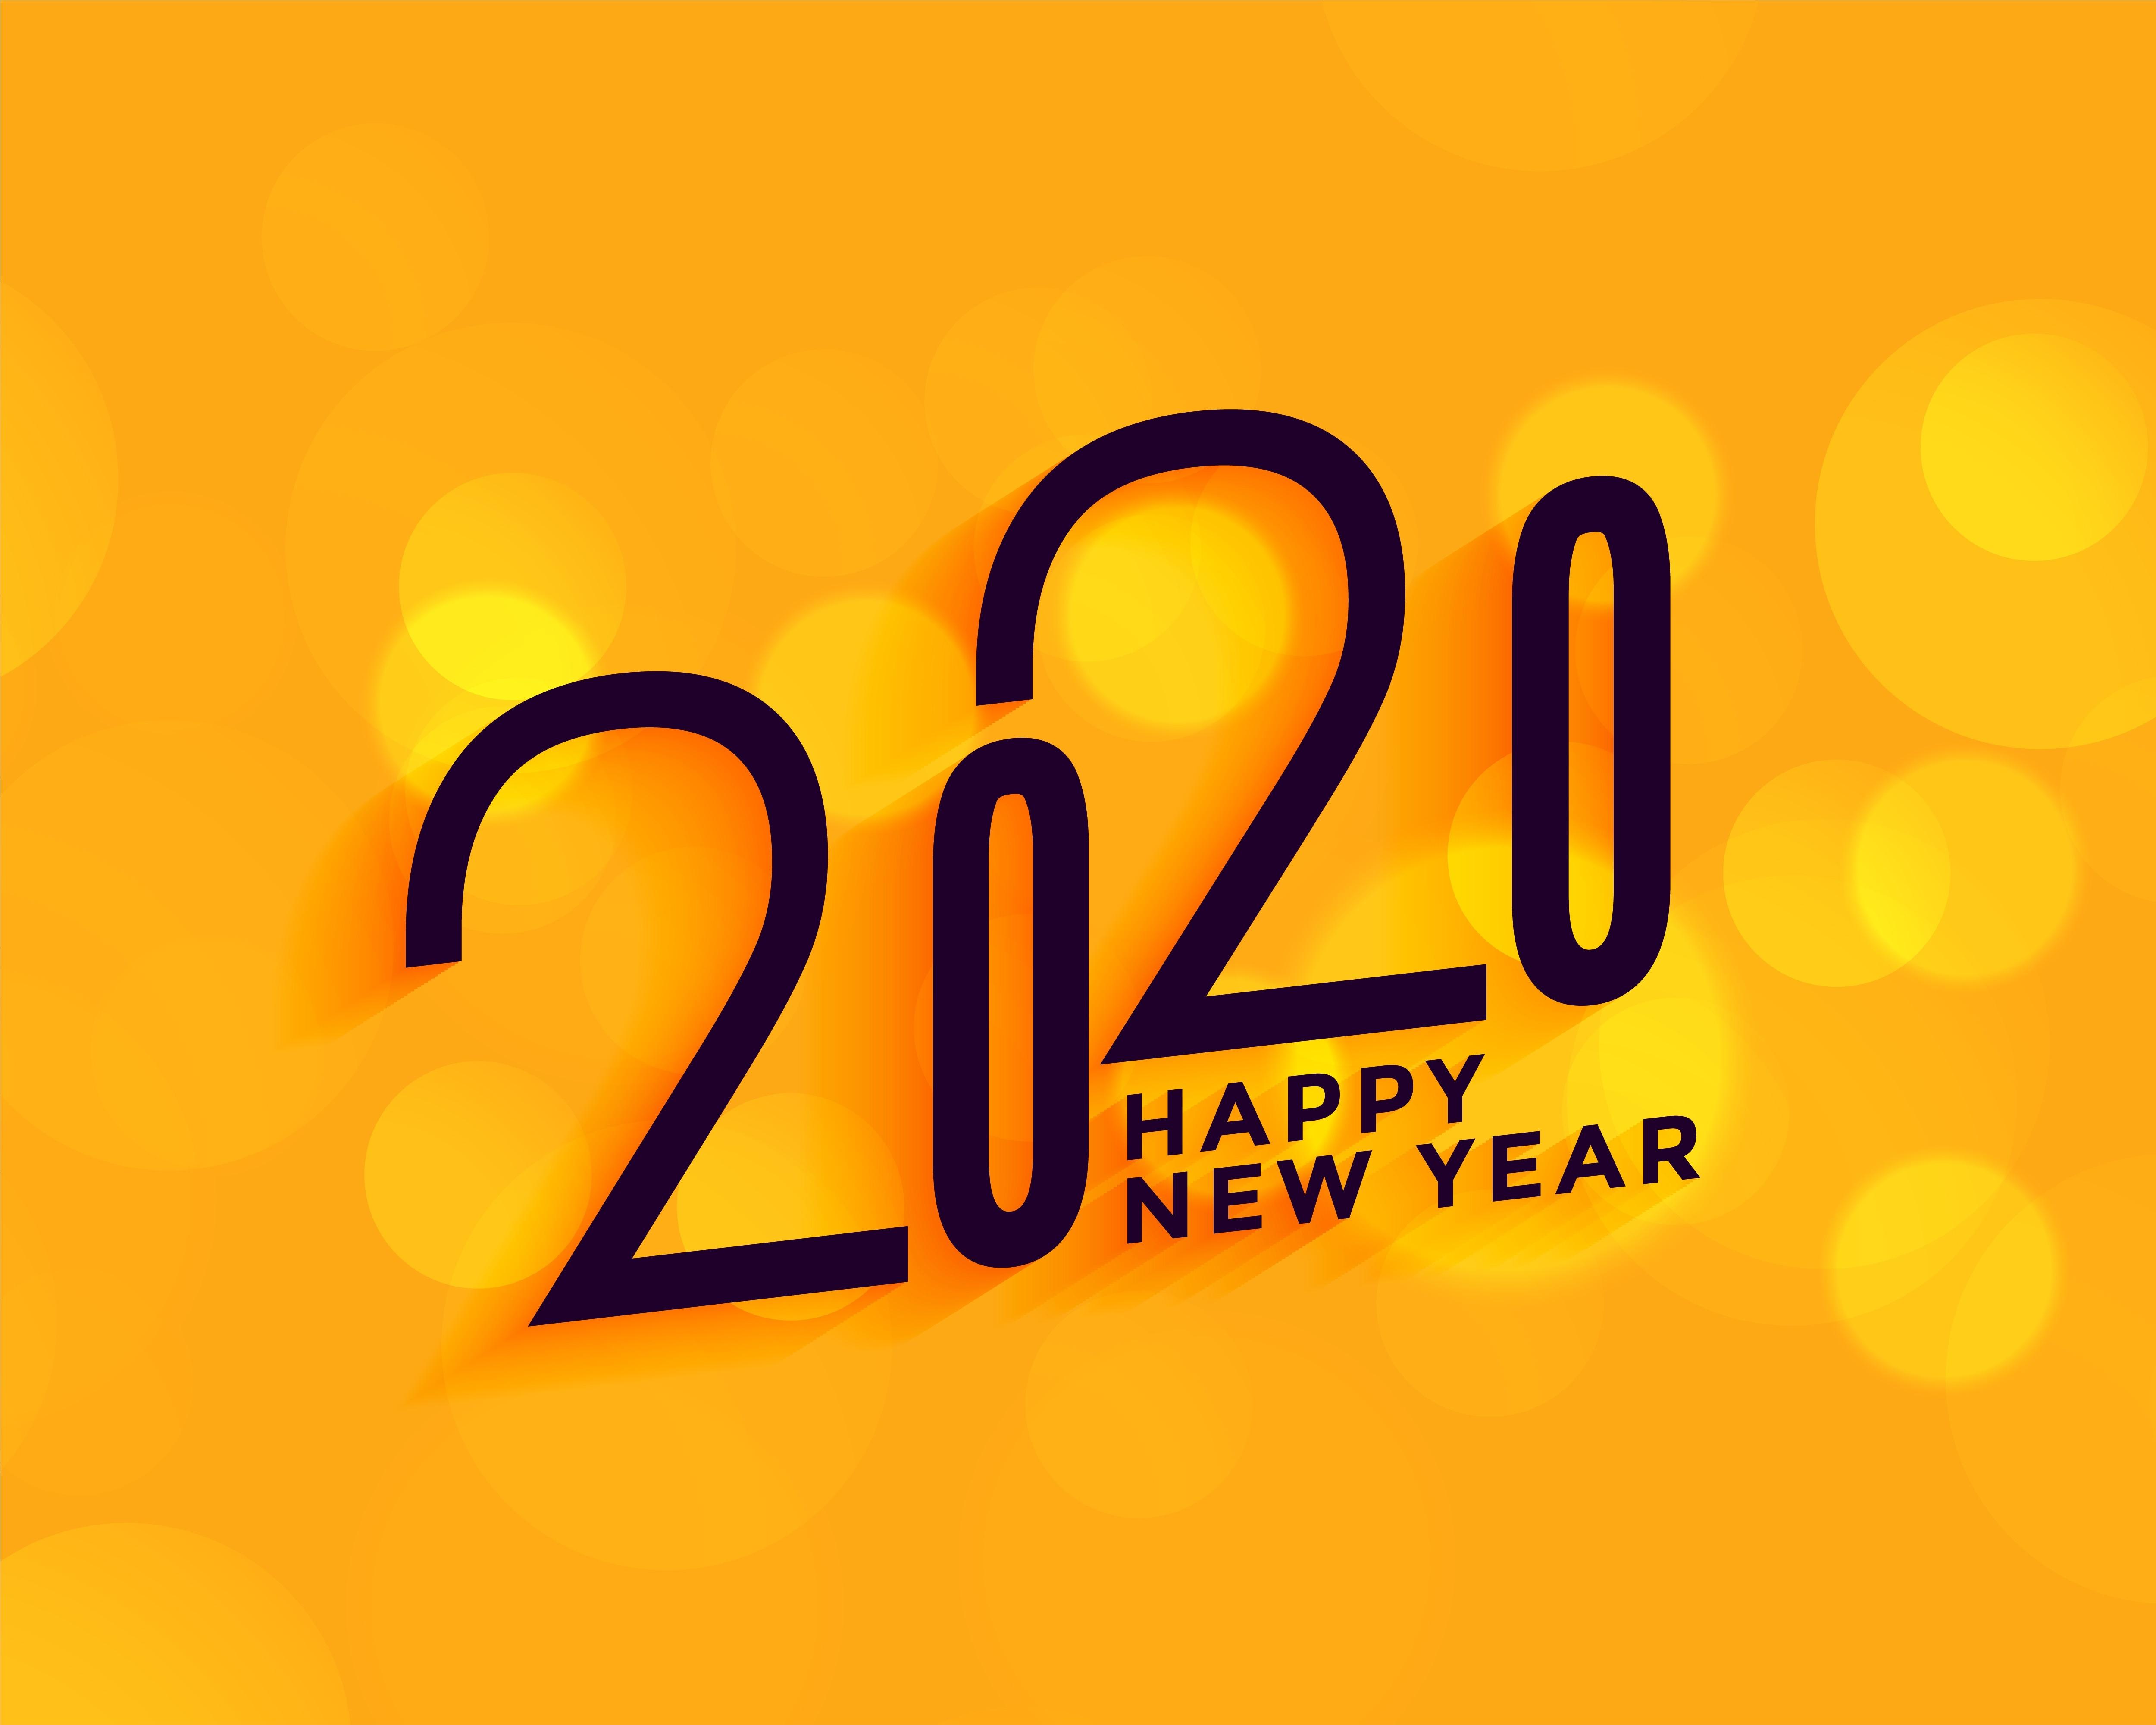 1920x1080 2020 New Year 1080P Laptop Full HD Wallpaper HD 5001x4001